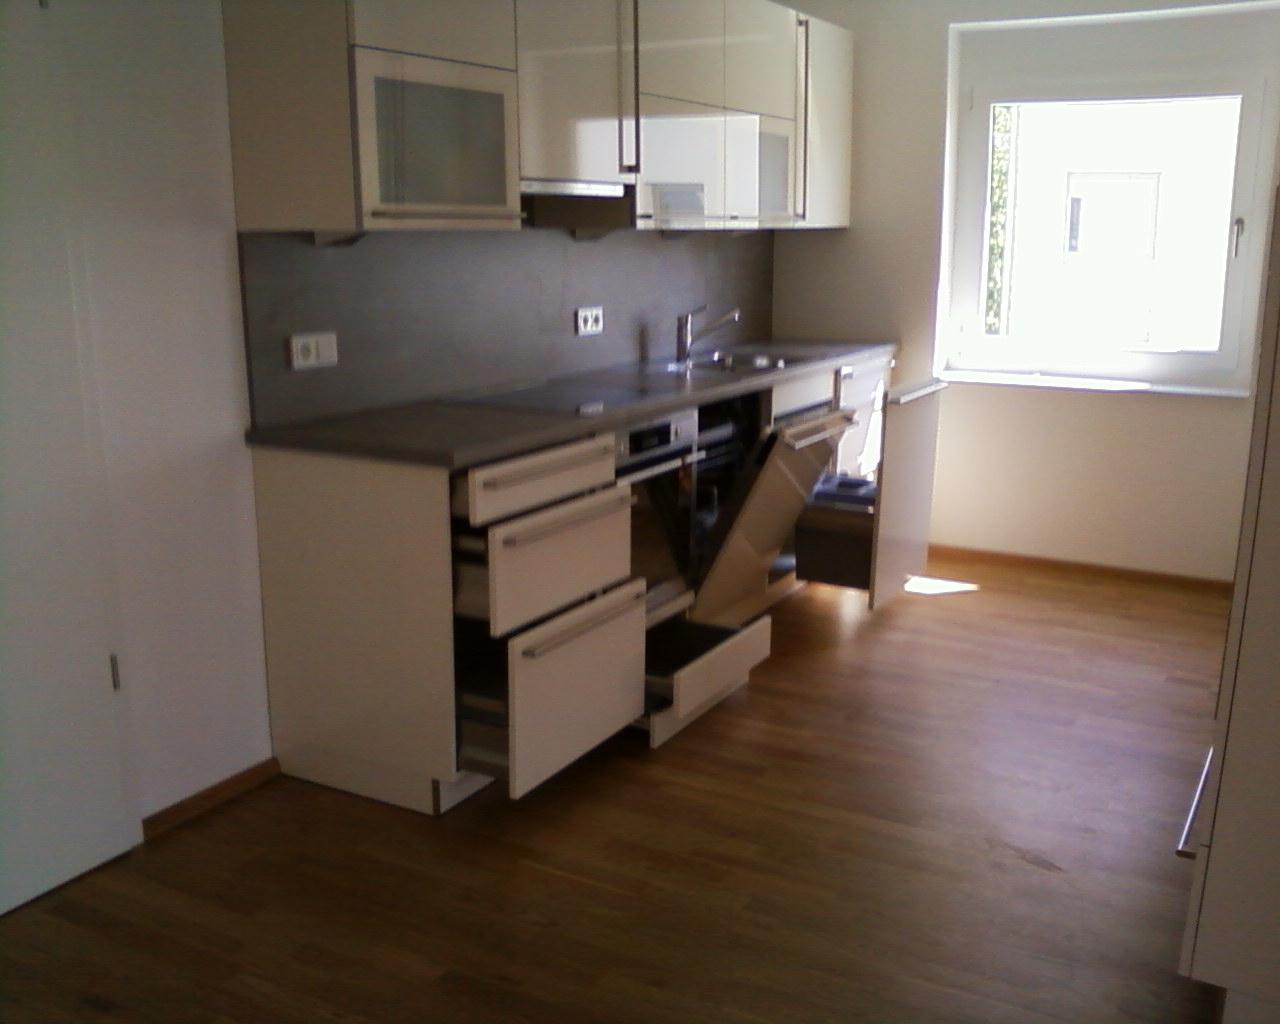 Küchenumzug und Renovierung in Mannheim und Heidelberg | Knittel ...